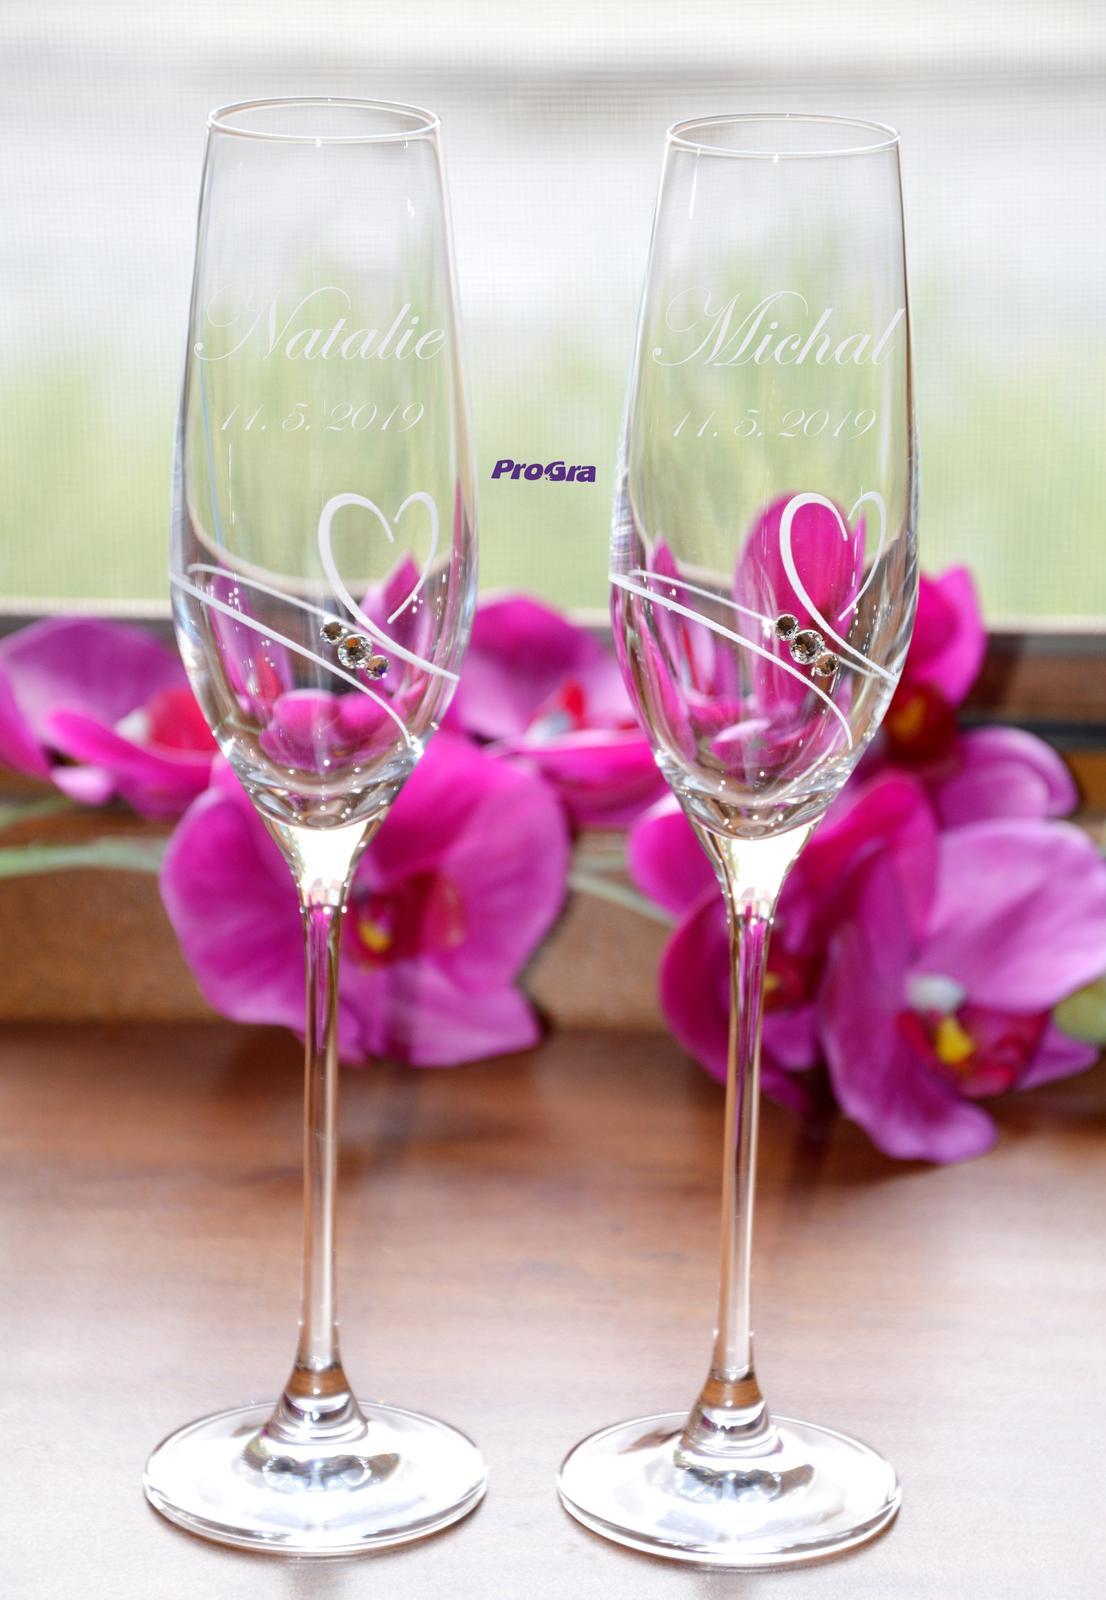 Natalie - svadobné poháre - 2ks  - Obrázok č. 2